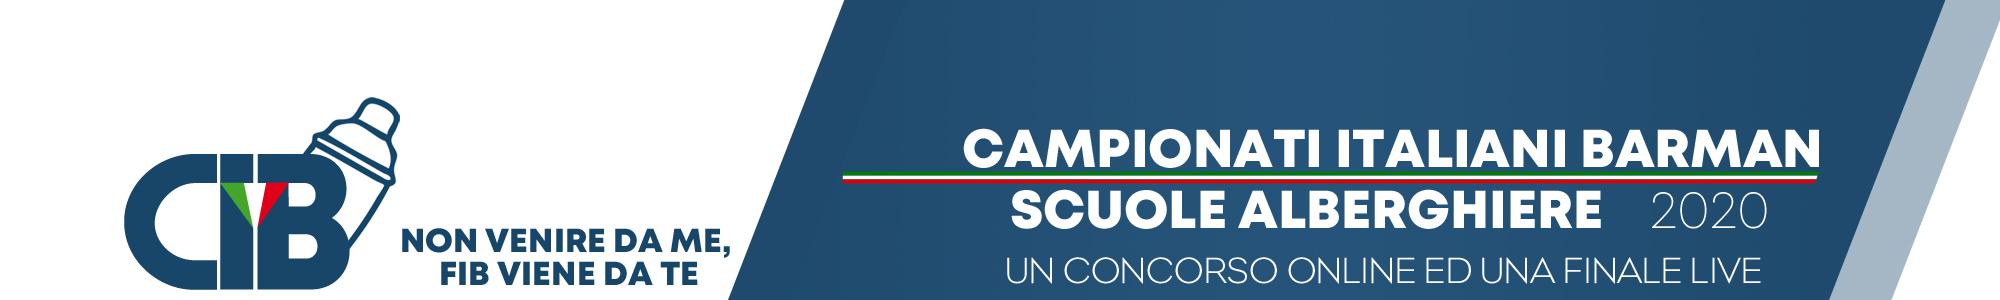 Campionati Italiani Barman Scuole Alberghiere 2020